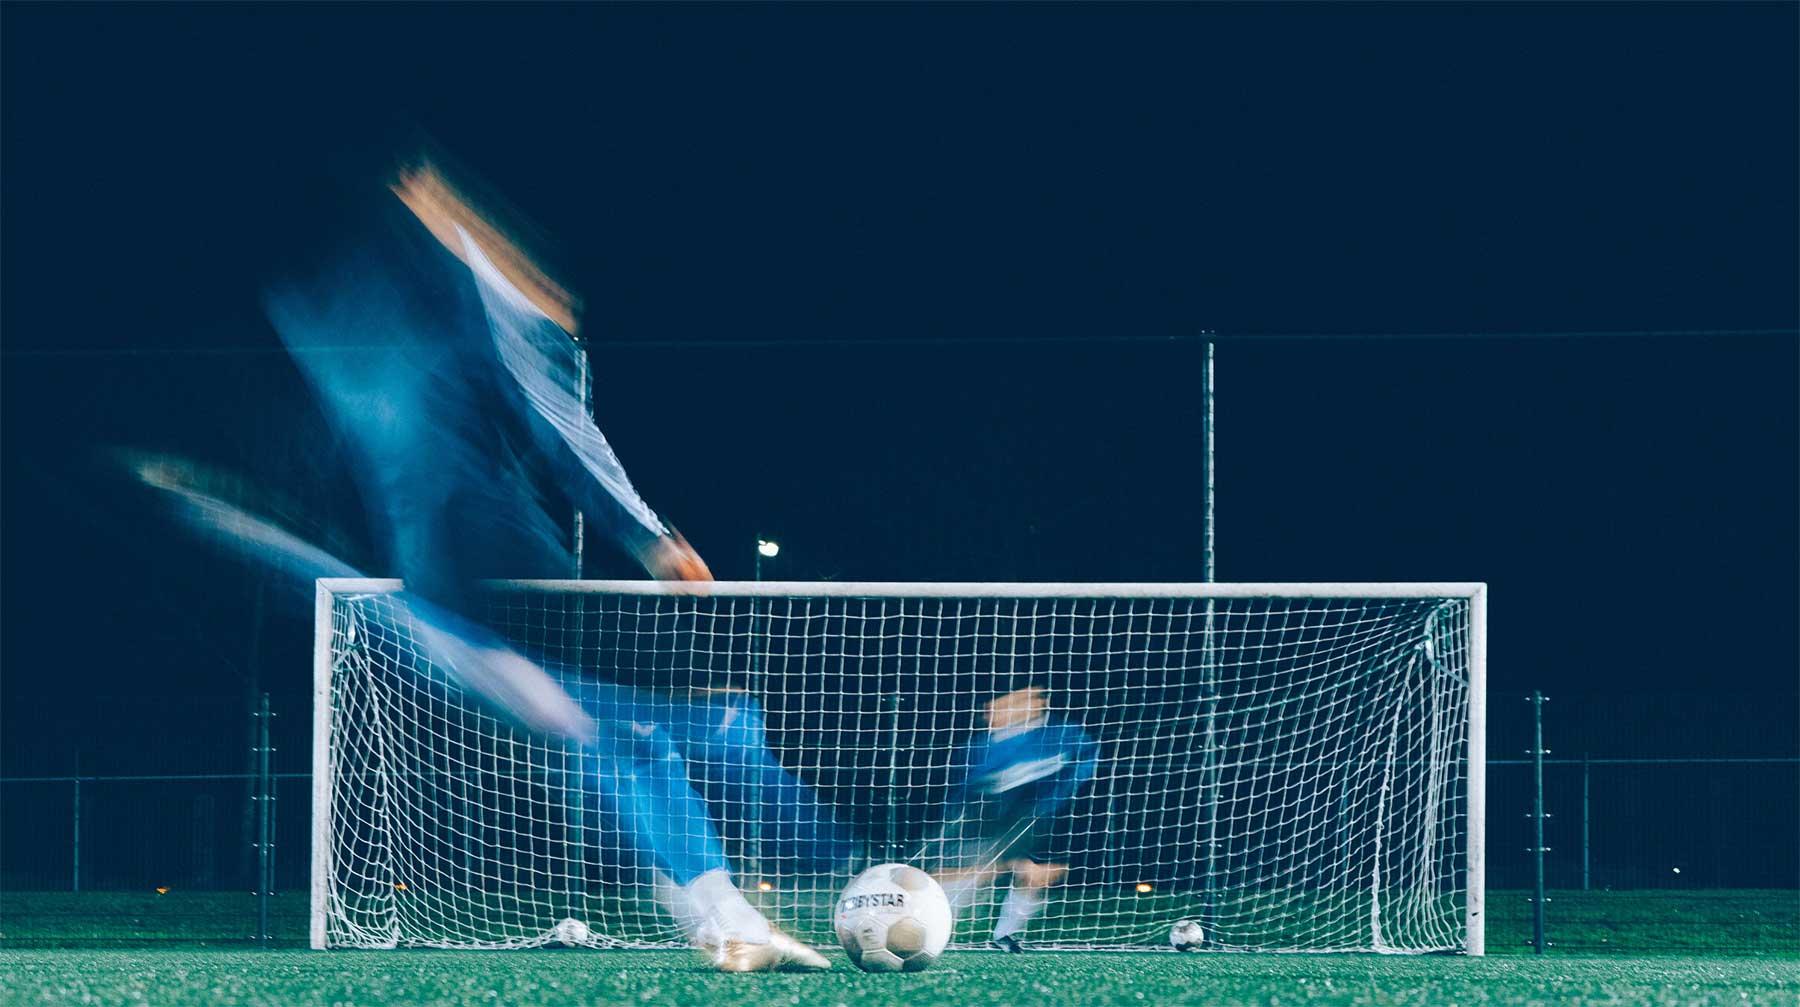 50 neue Regeln könnten den Fußball bald verändern